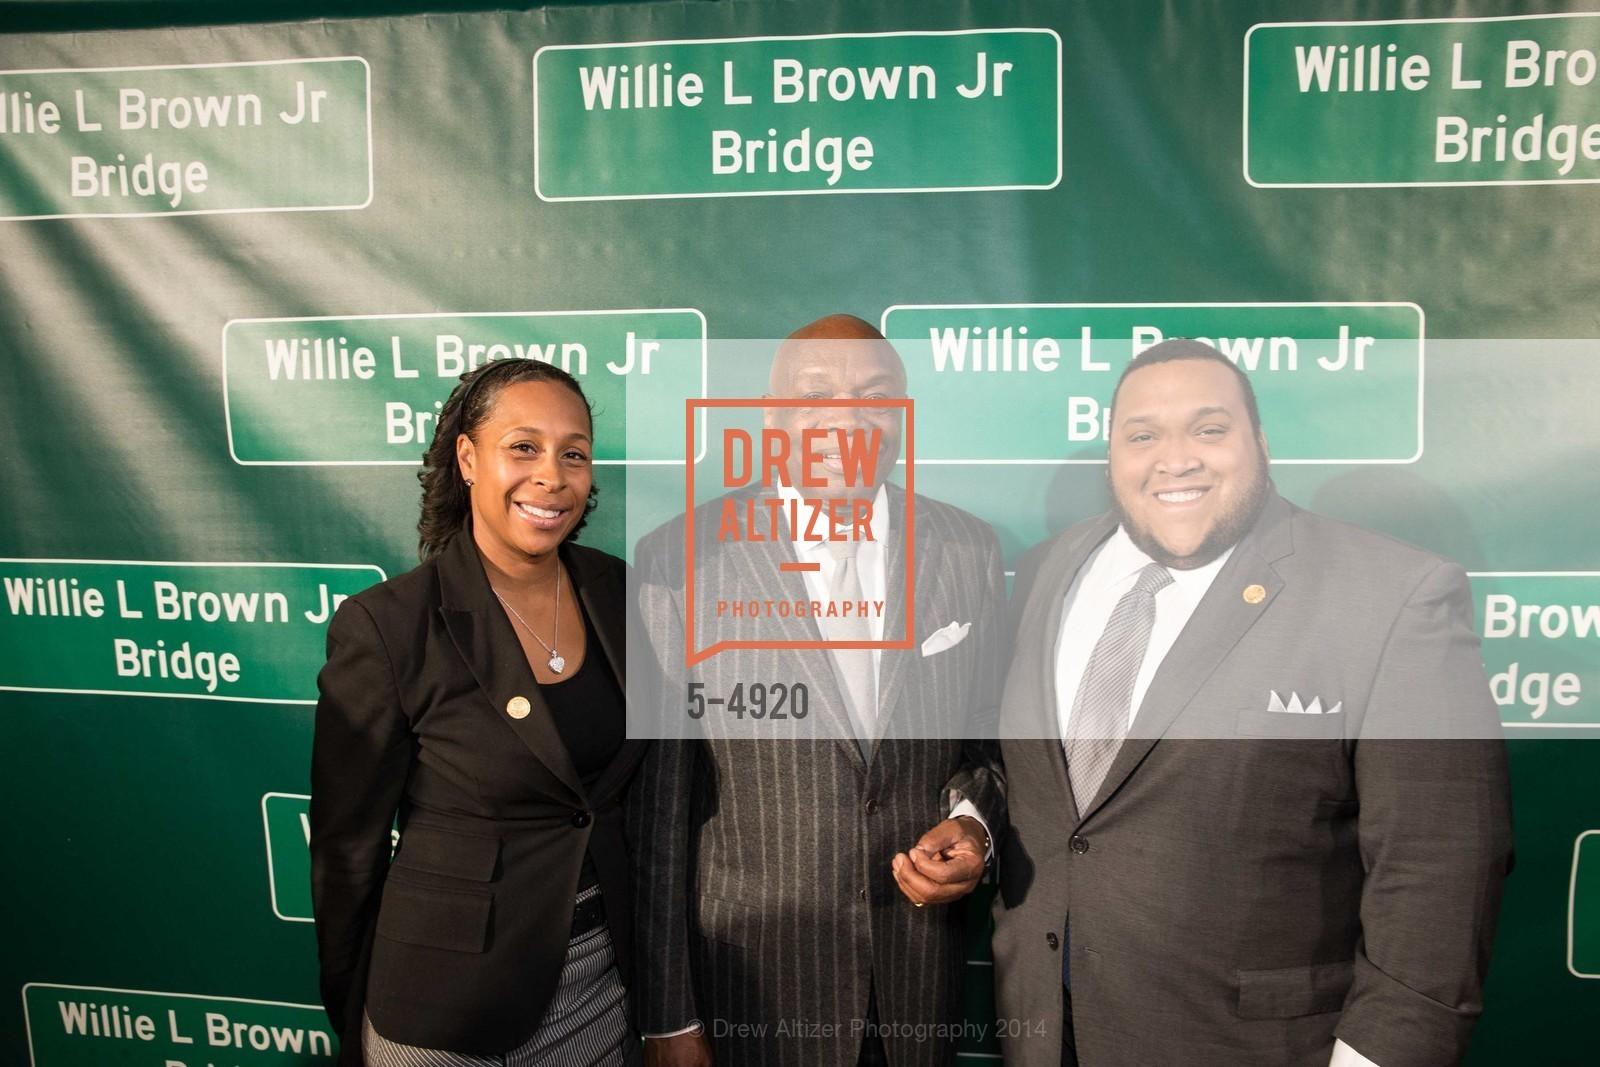 Willie Brown, Photo #5-4920